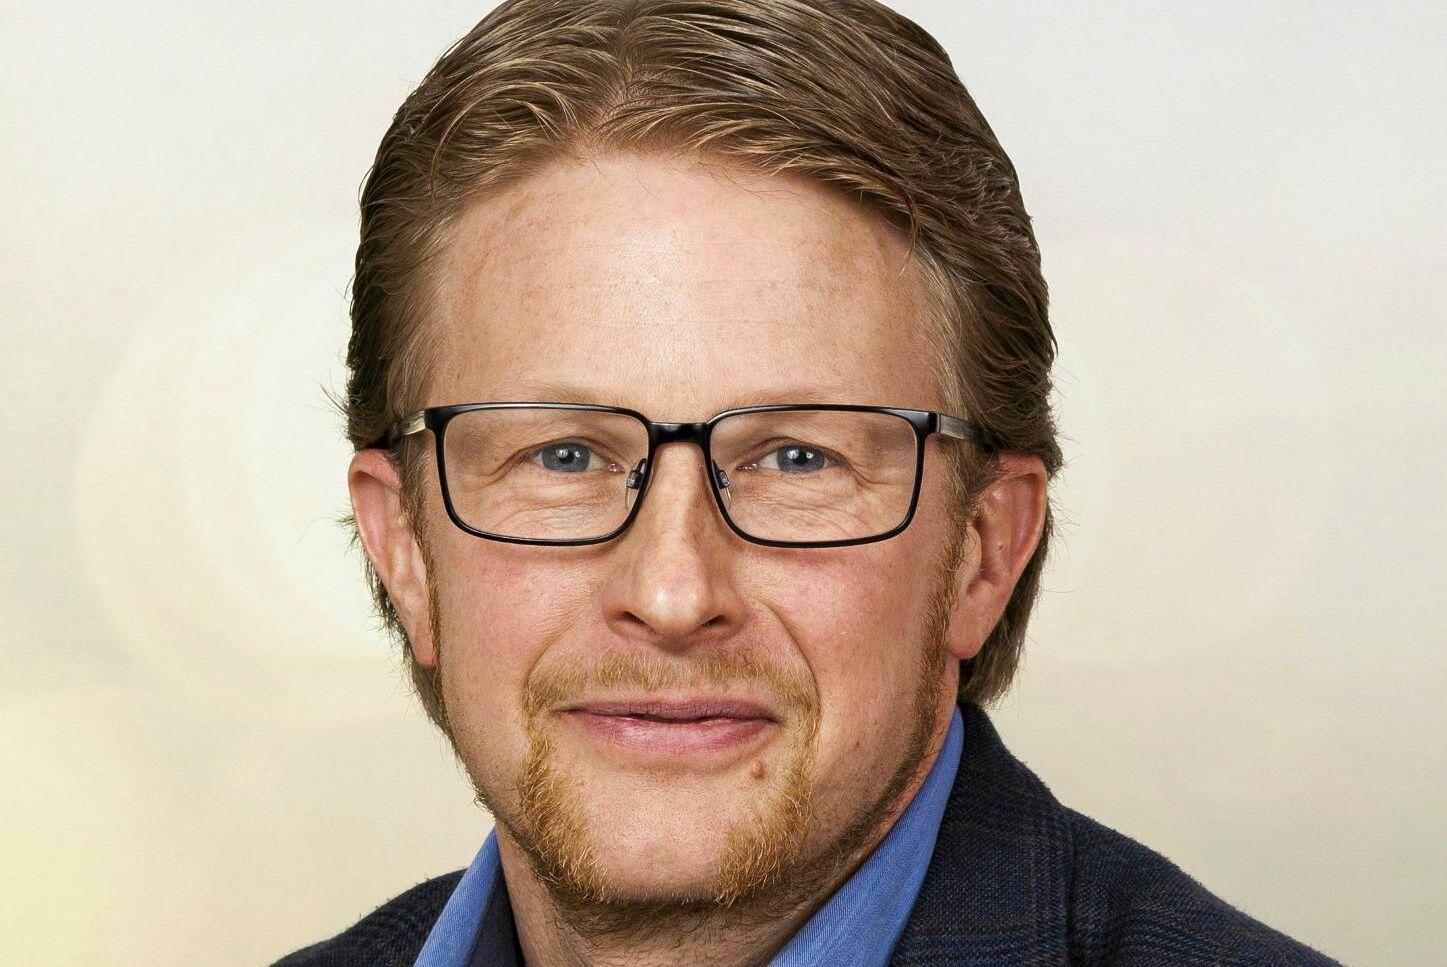 – Skogsbruket gör väldigt mycket insatser men det har varit svårt att få nettotillskott till de frivilliga avsättningarna, säger Olle Höjer.